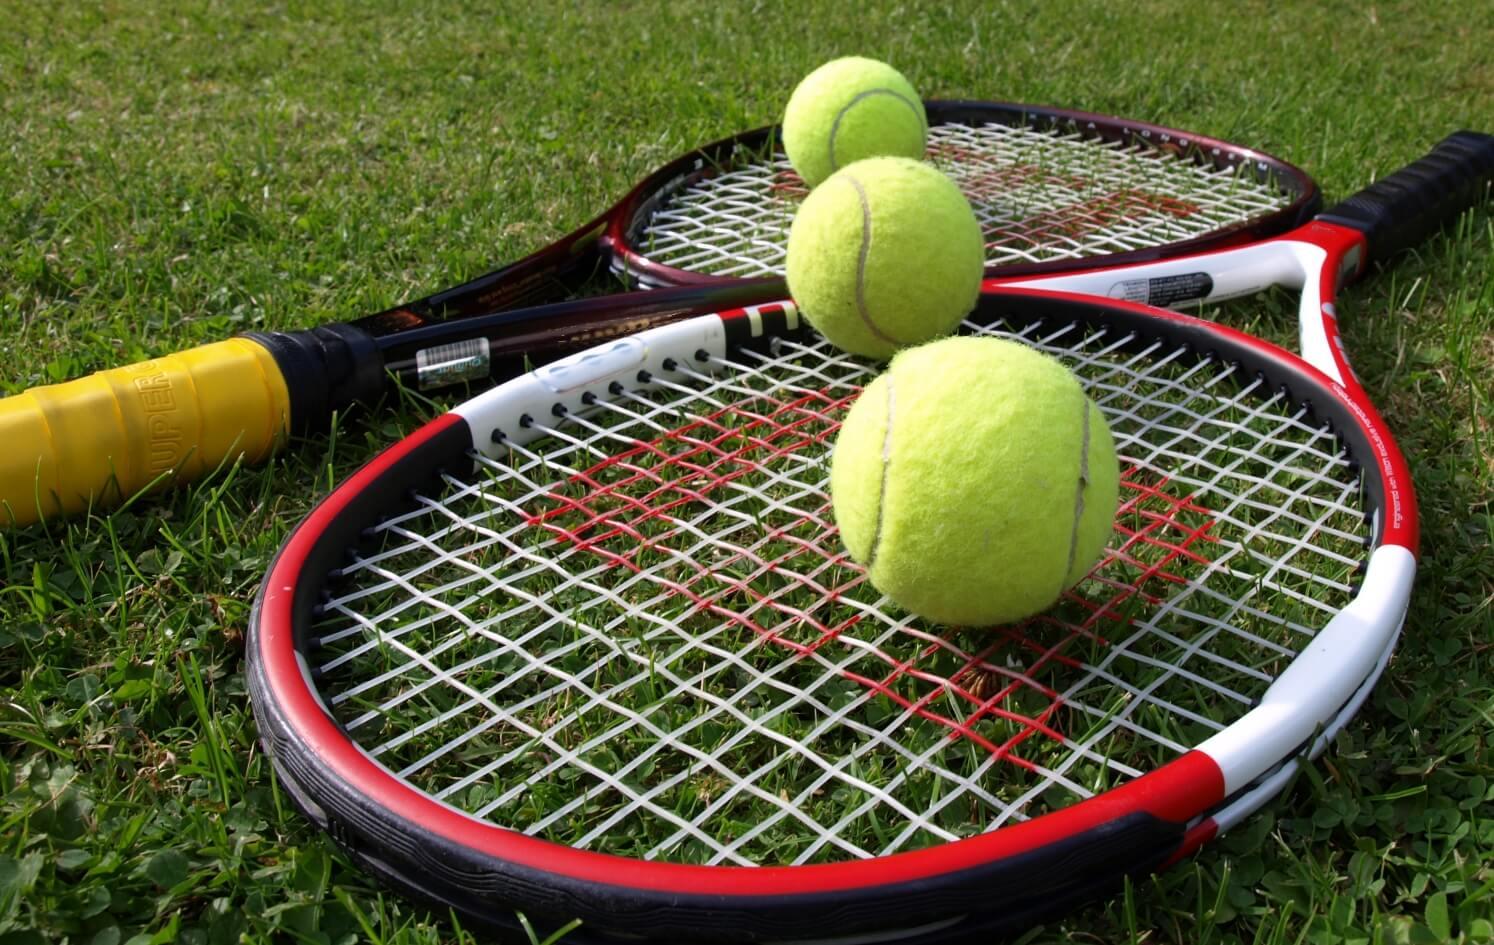 najlepsza rakieta do tenisa